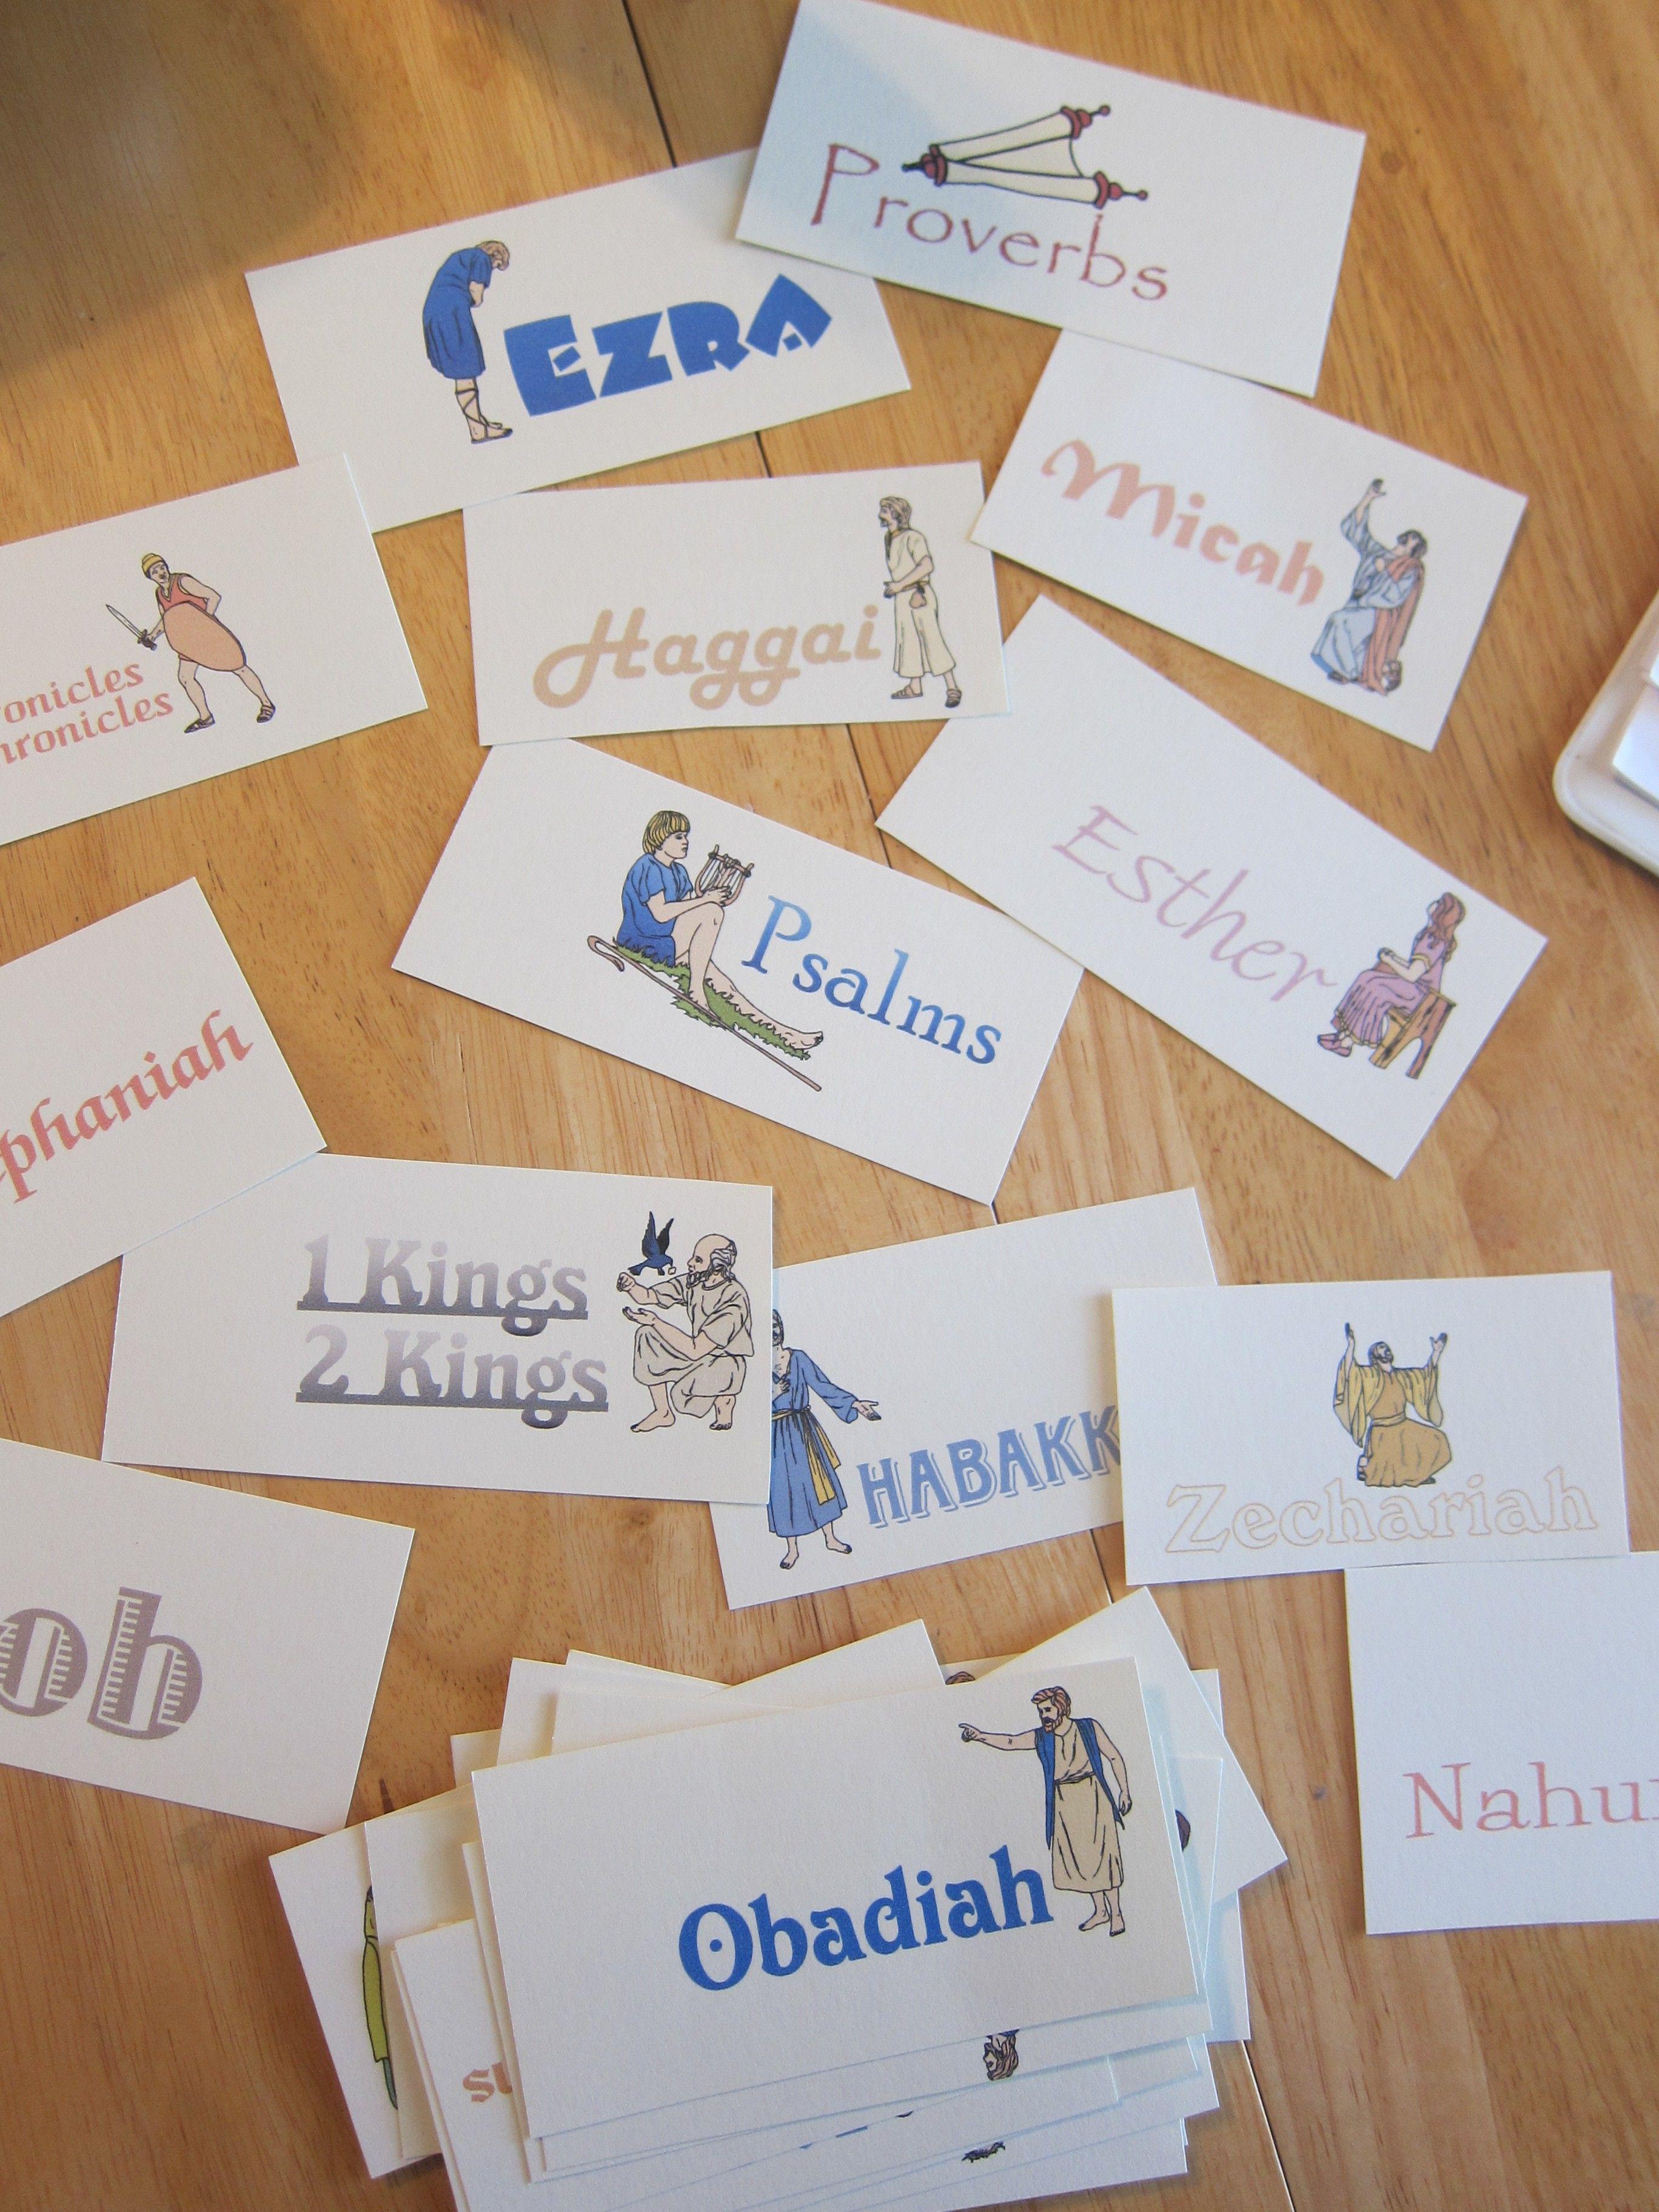 Aprendendo livros da Bïblia com cartões ilustrados